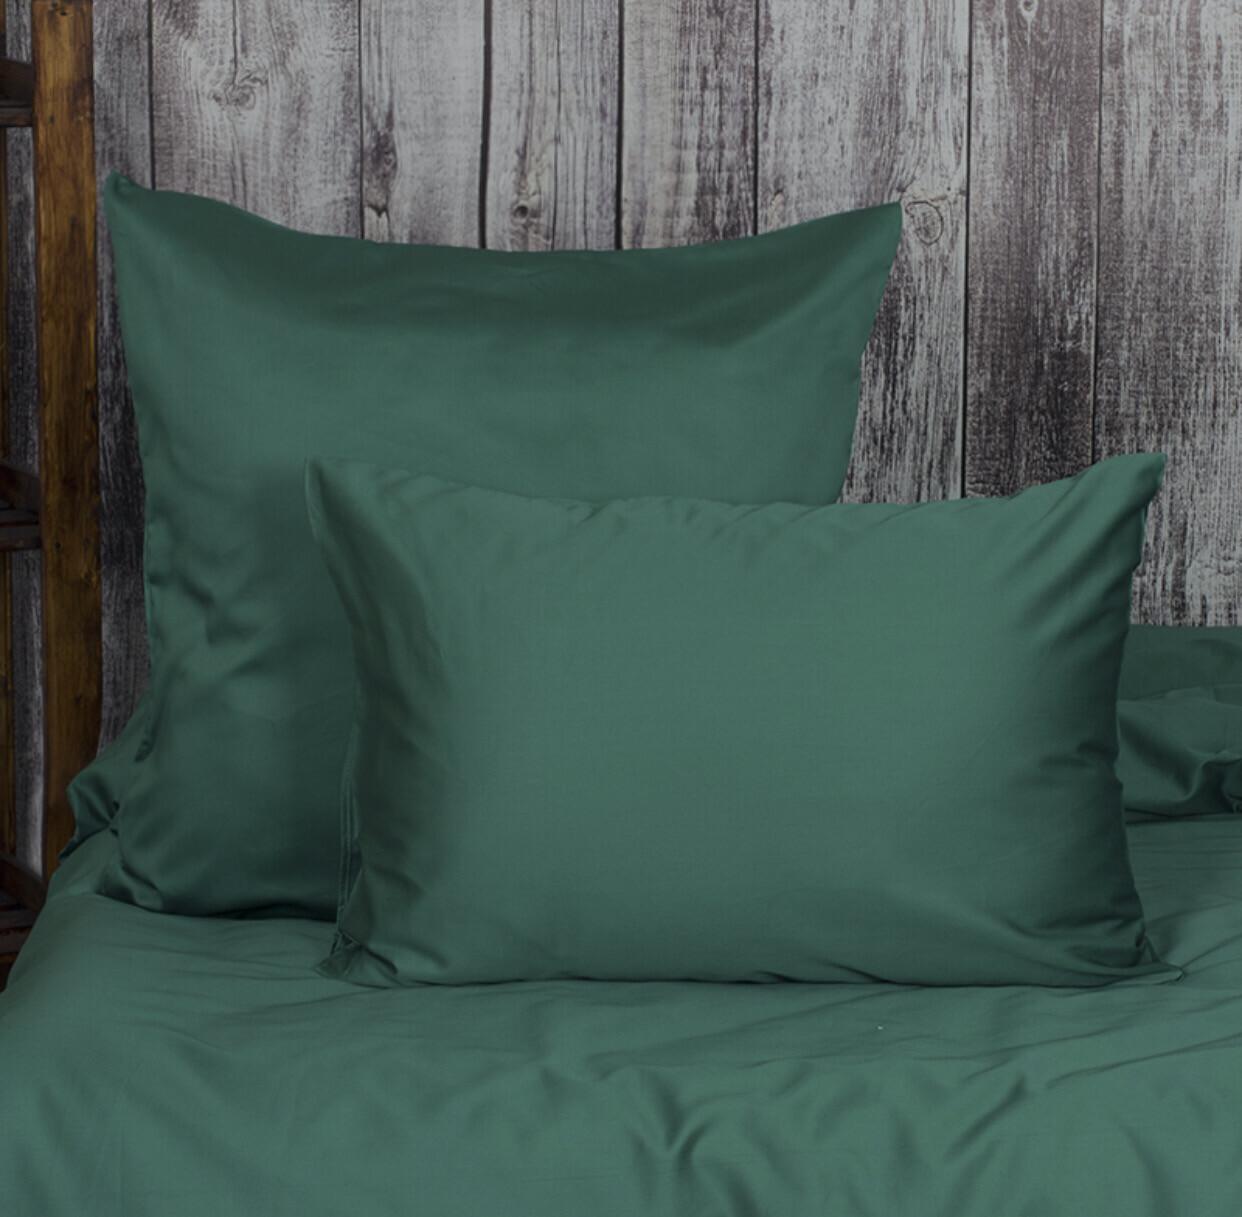 Комплект постельного белья из сатина Зеленый